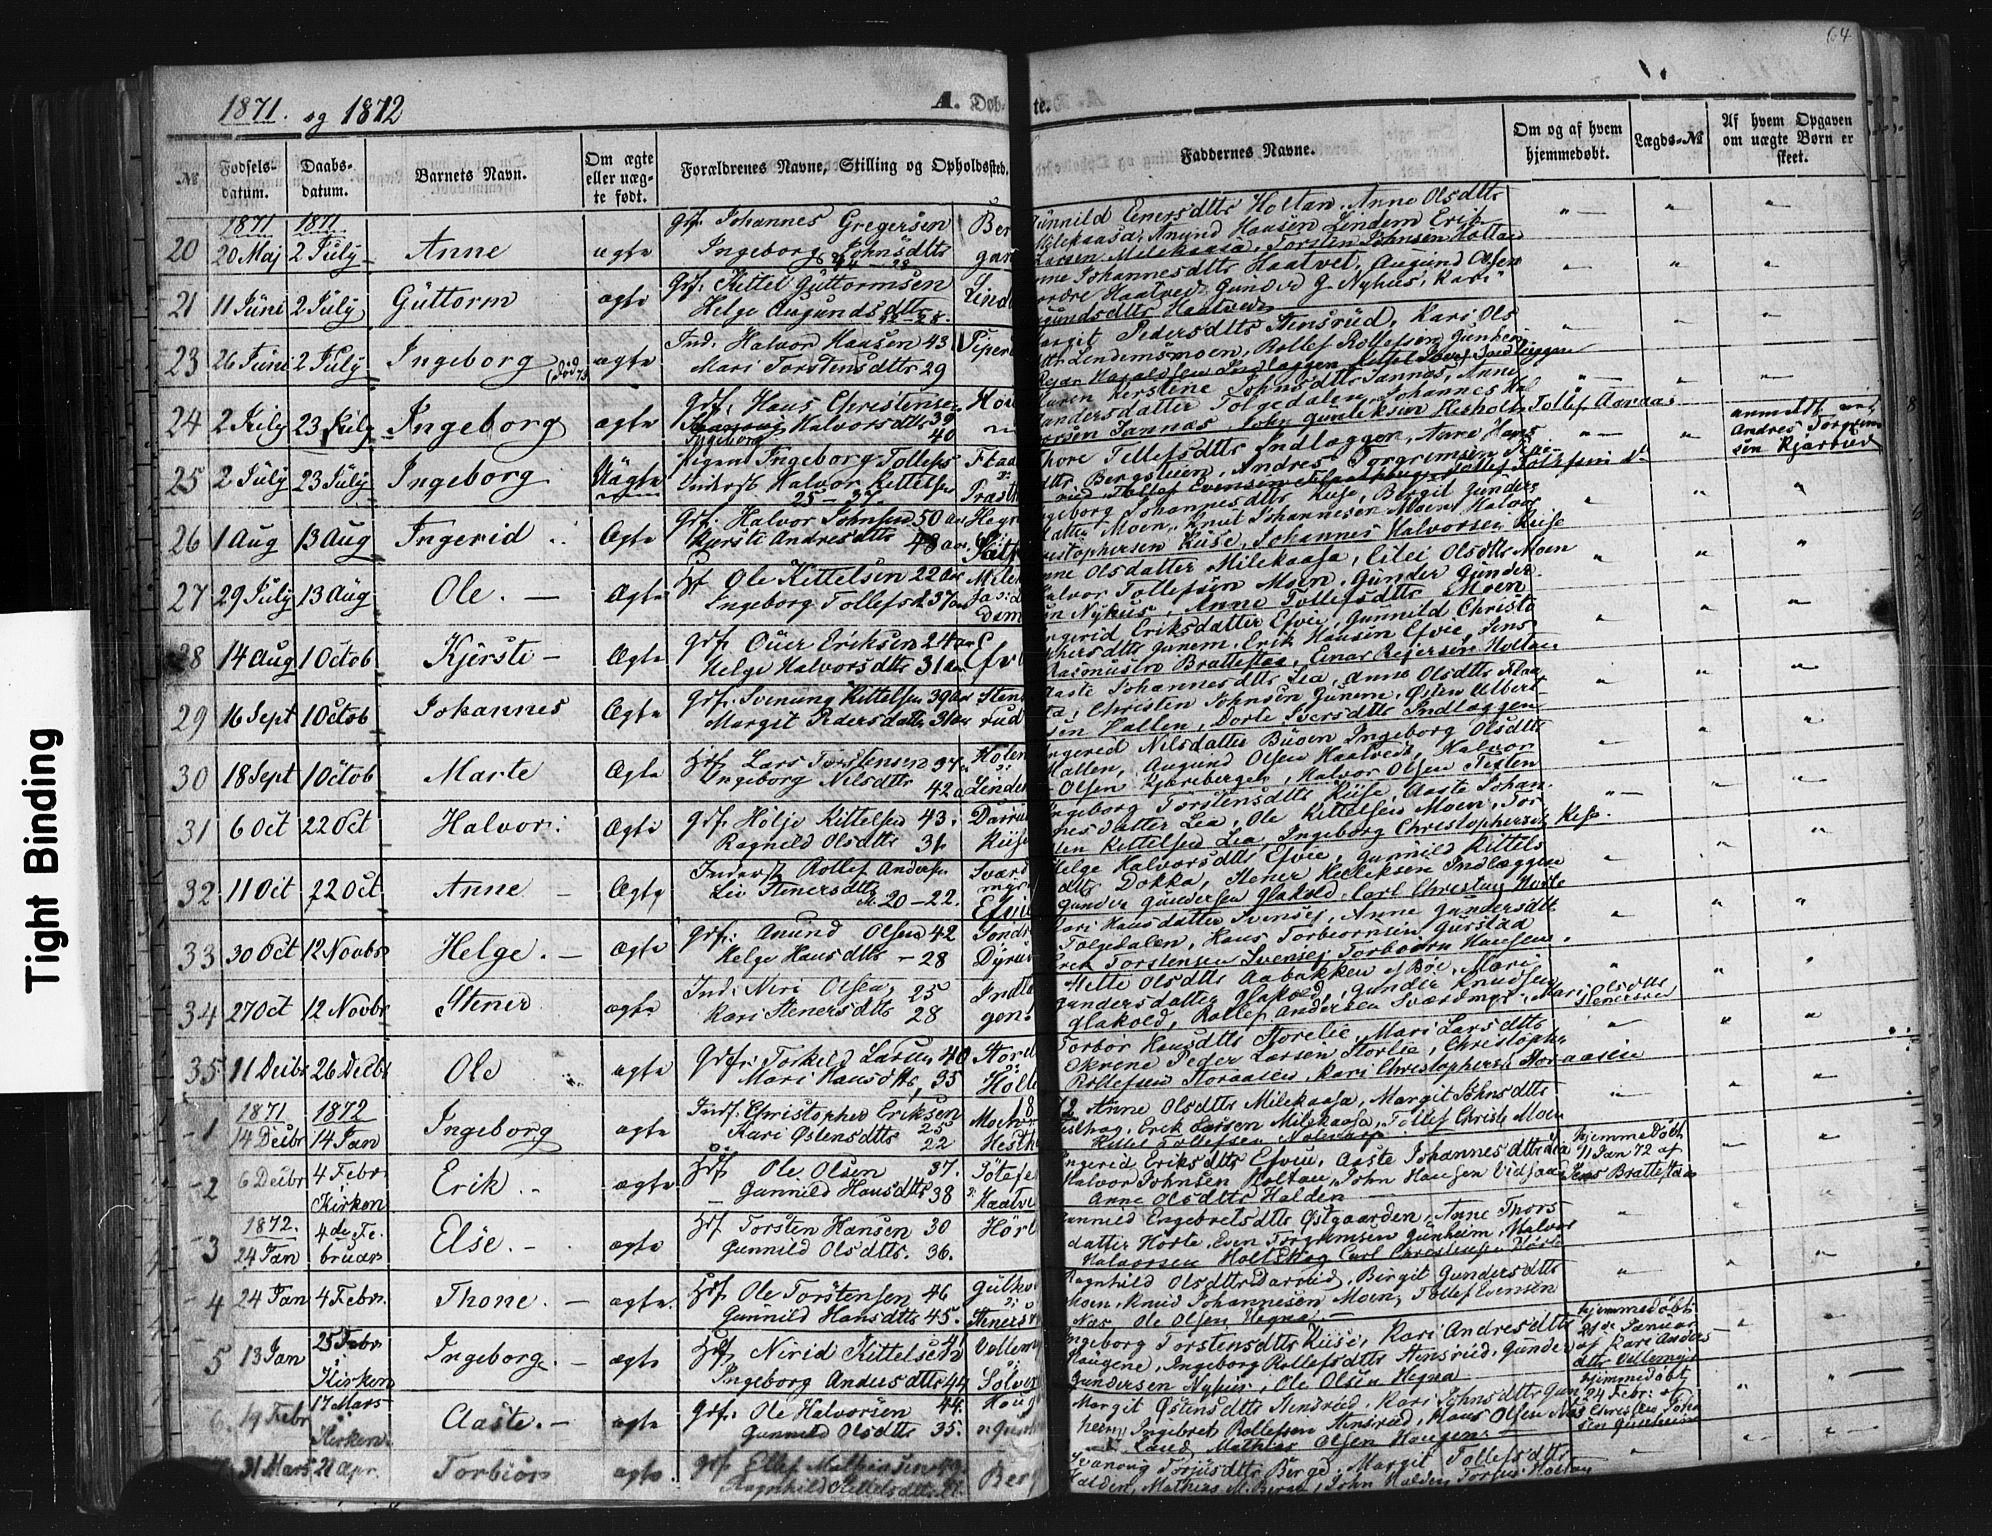 SAKO, Sauherad kirkebøker, F/Fb/L0001: Ministerialbok nr. II 1, 1851-1877, s. 64